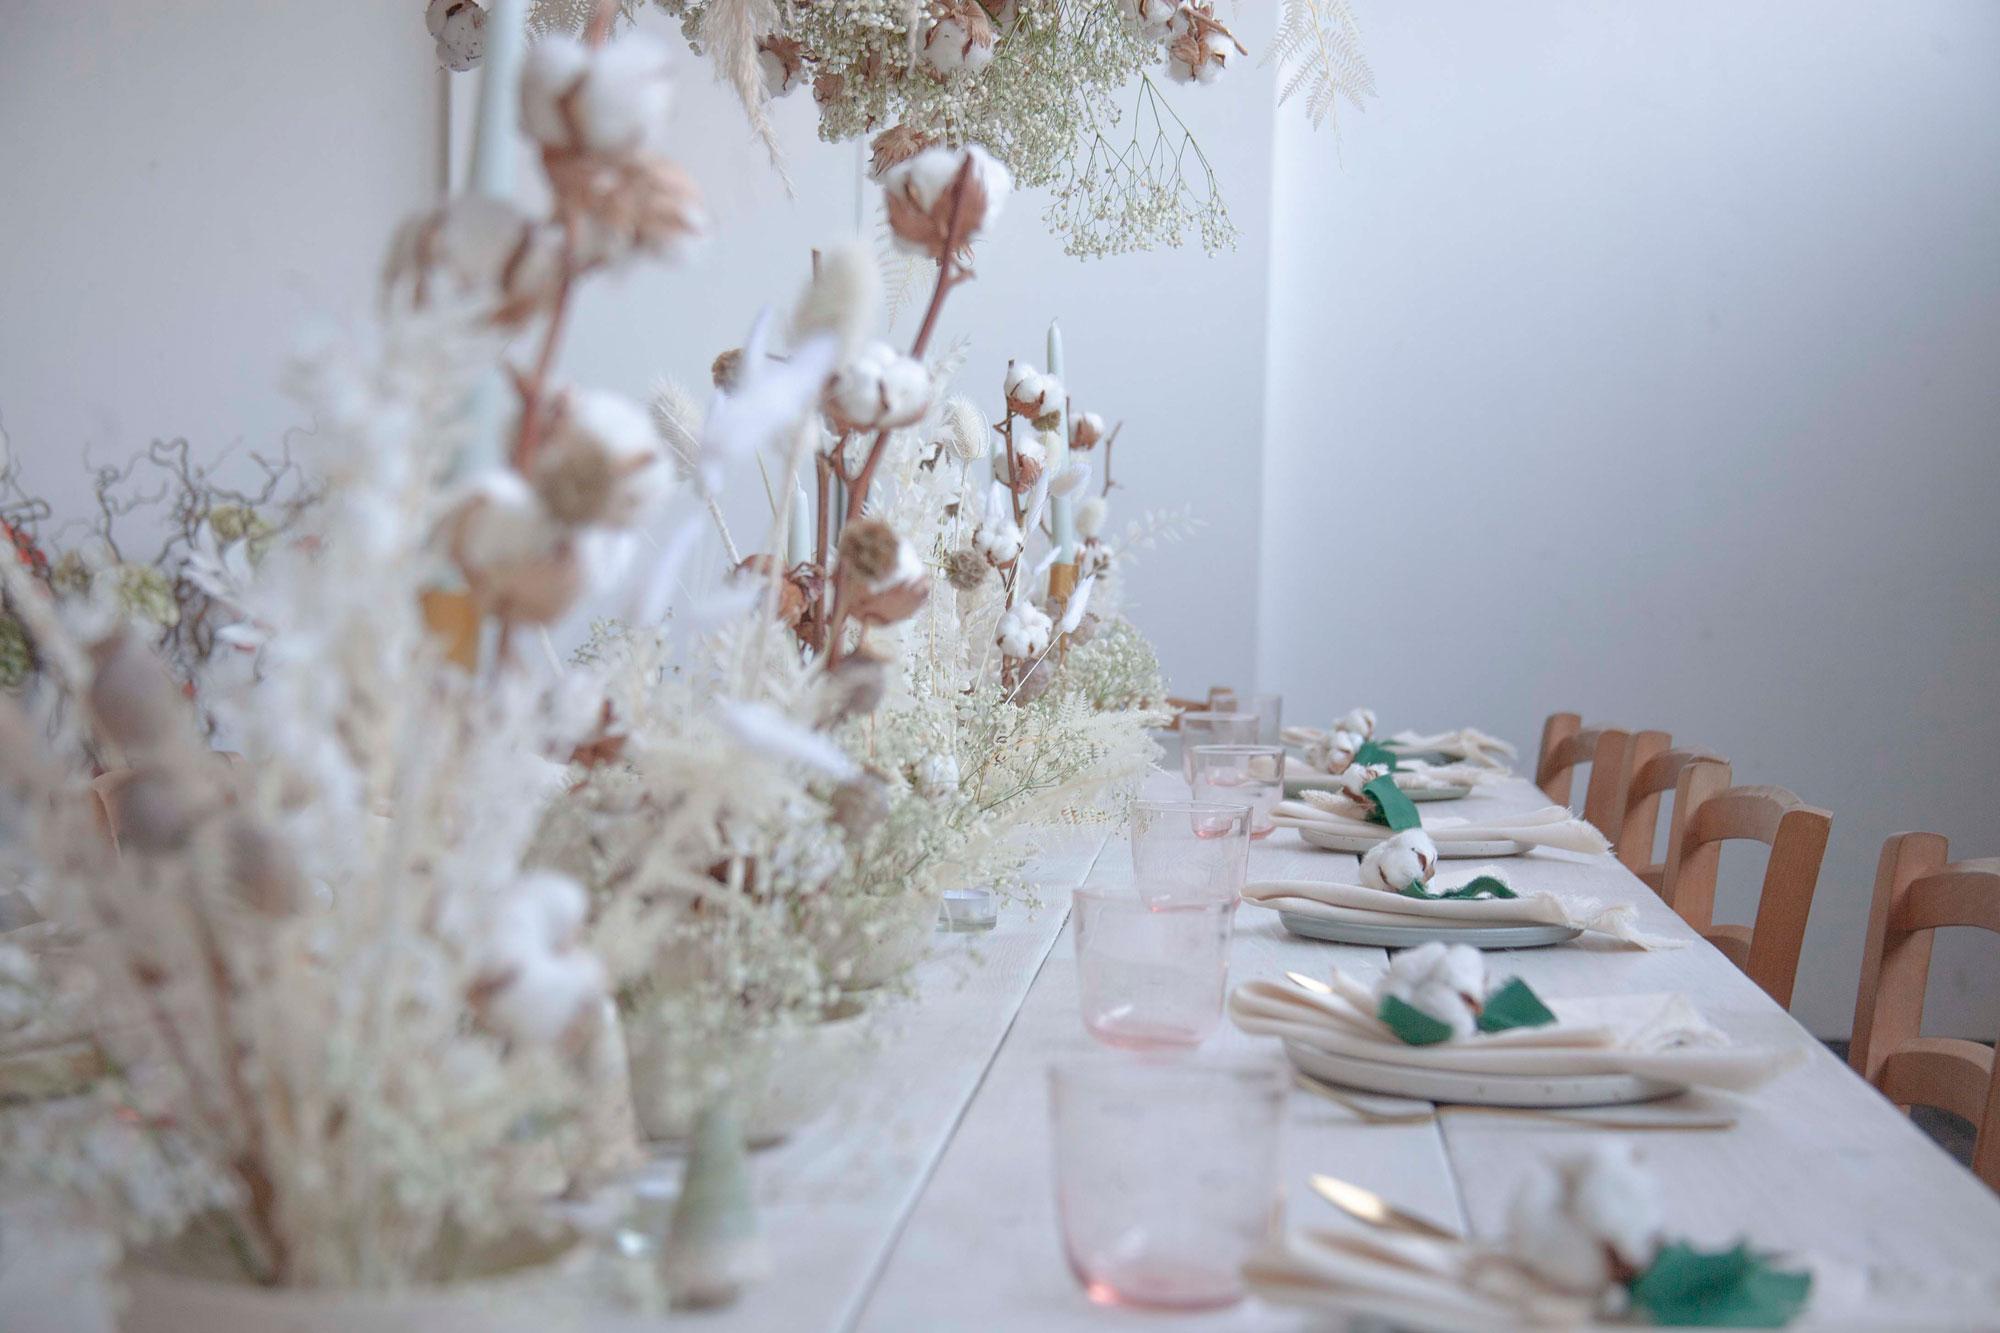 allestimento invernale fiori di cotone bianco